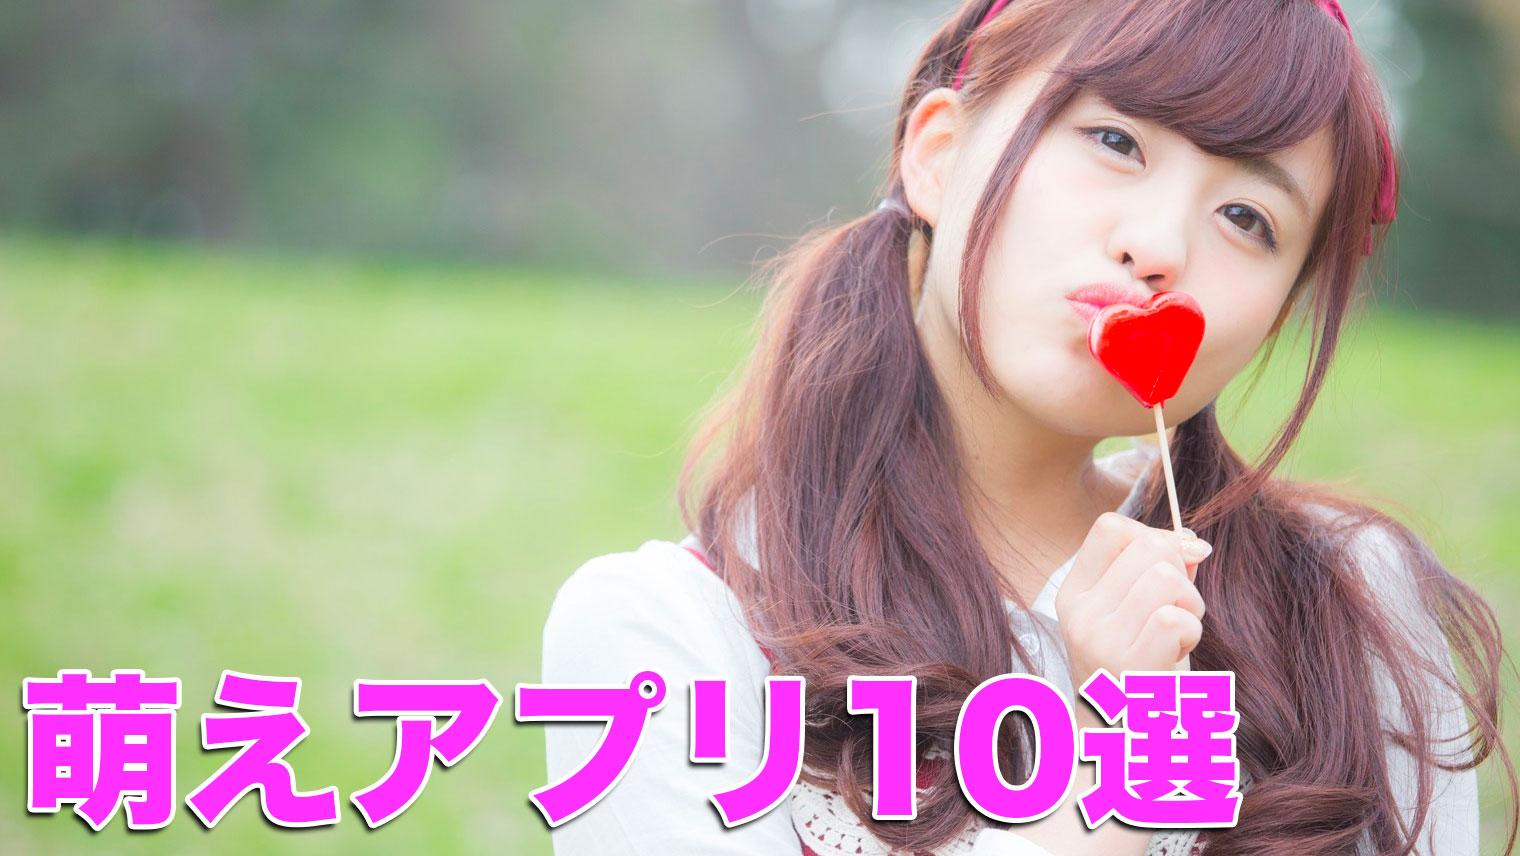 「【11月最新】無料で癒される!おすすめ萌え系ゲームアプリ10選」のアイキャッチ画像